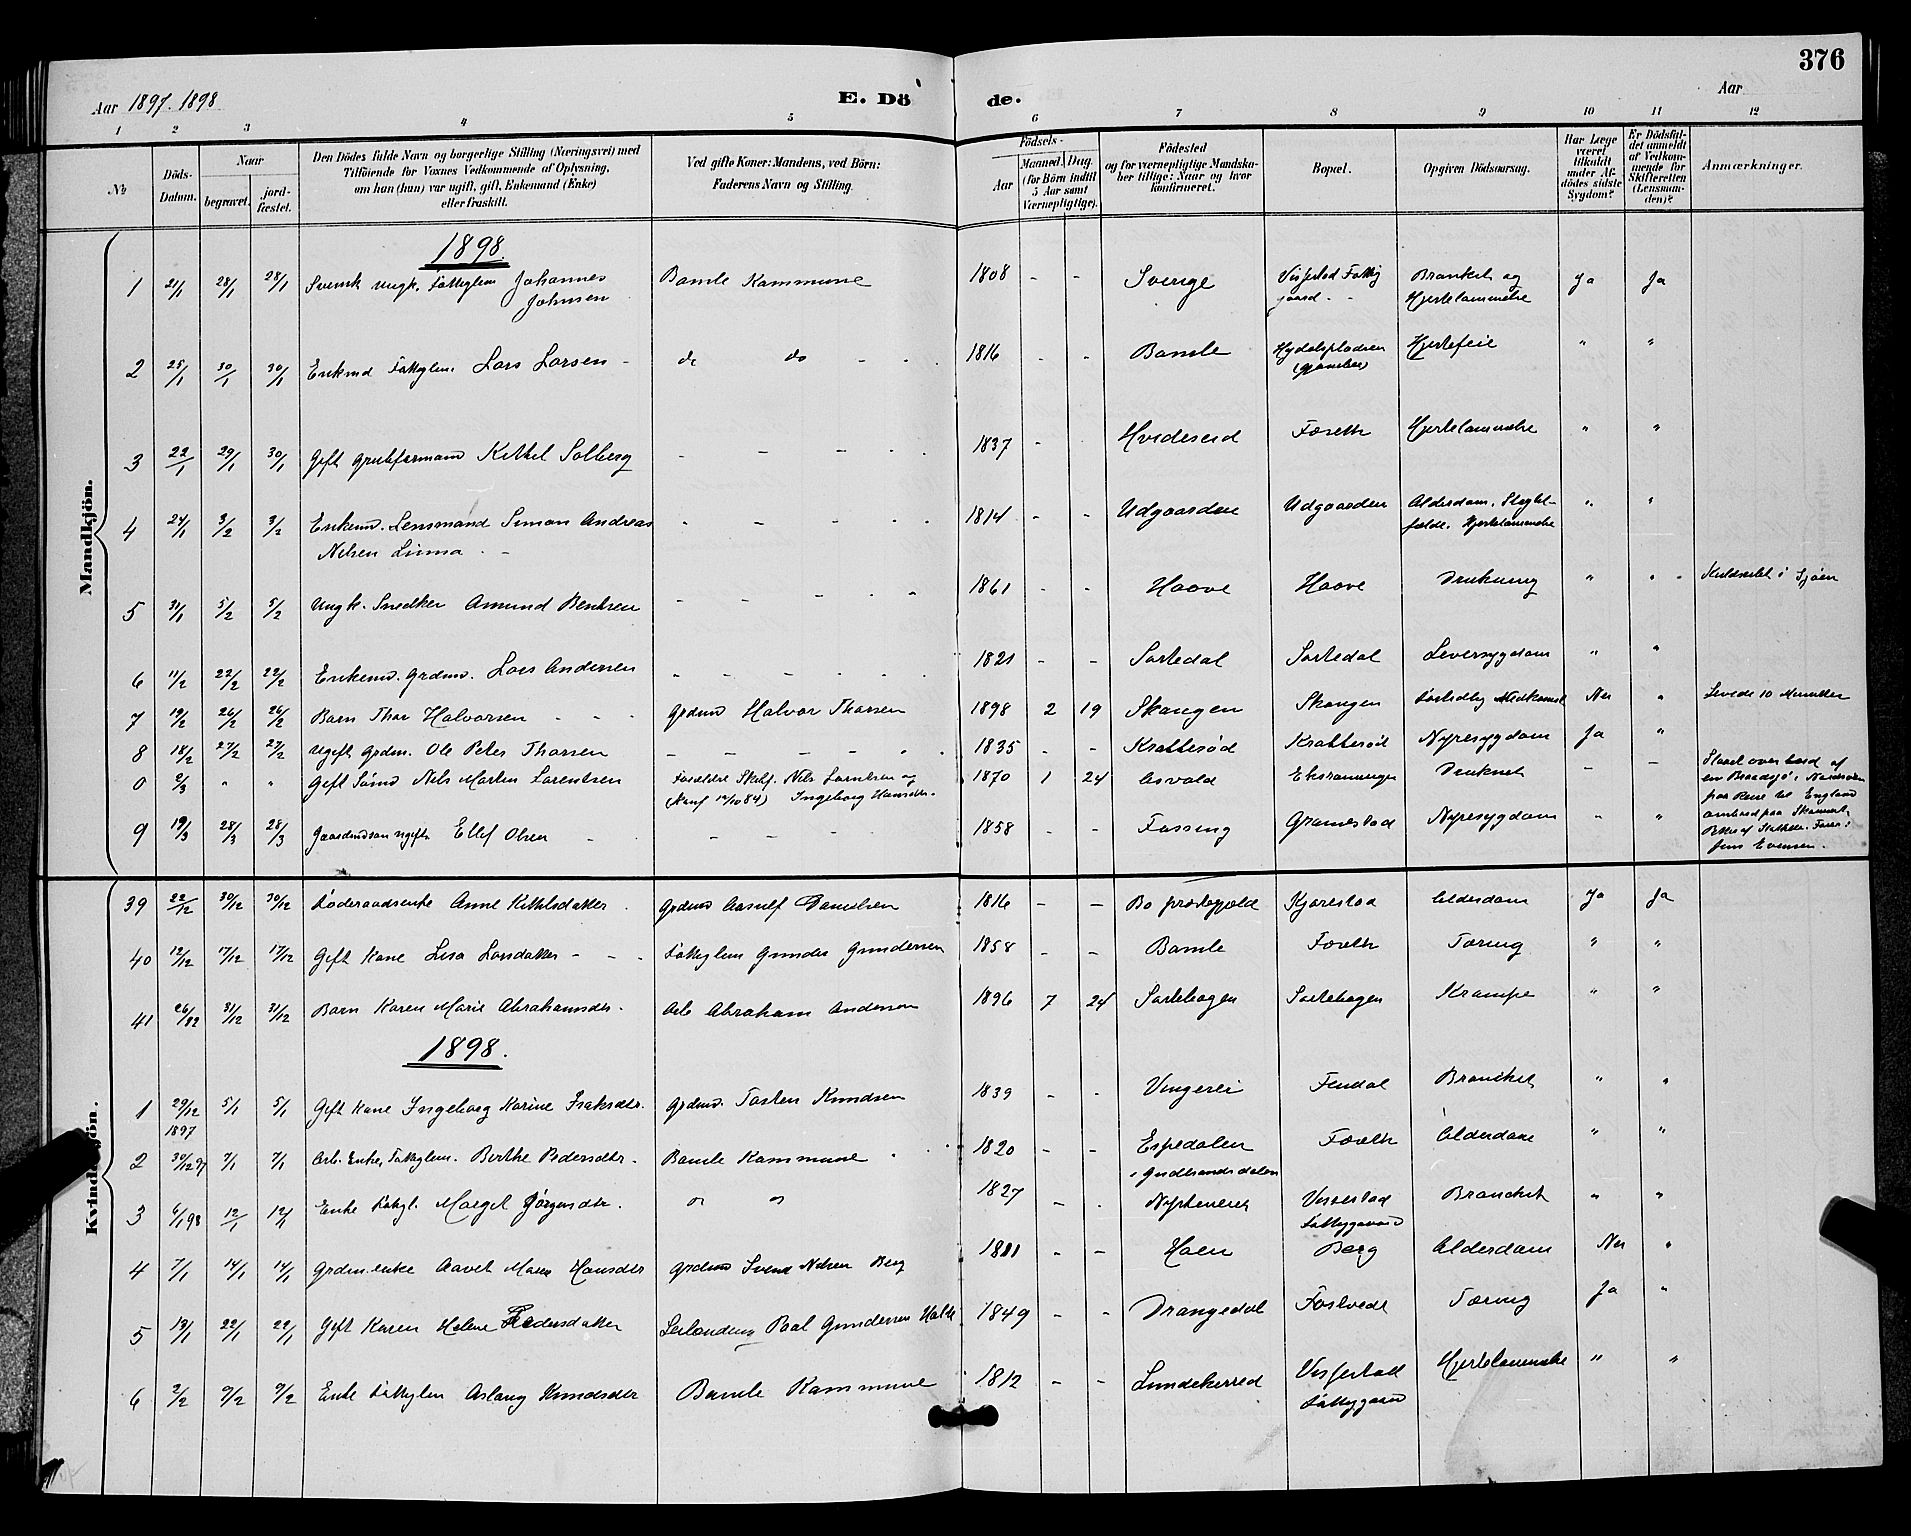 SAKO, Bamble kirkebøker, G/Ga/L0009: Klokkerbok nr. I 9, 1888-1900, s. 376